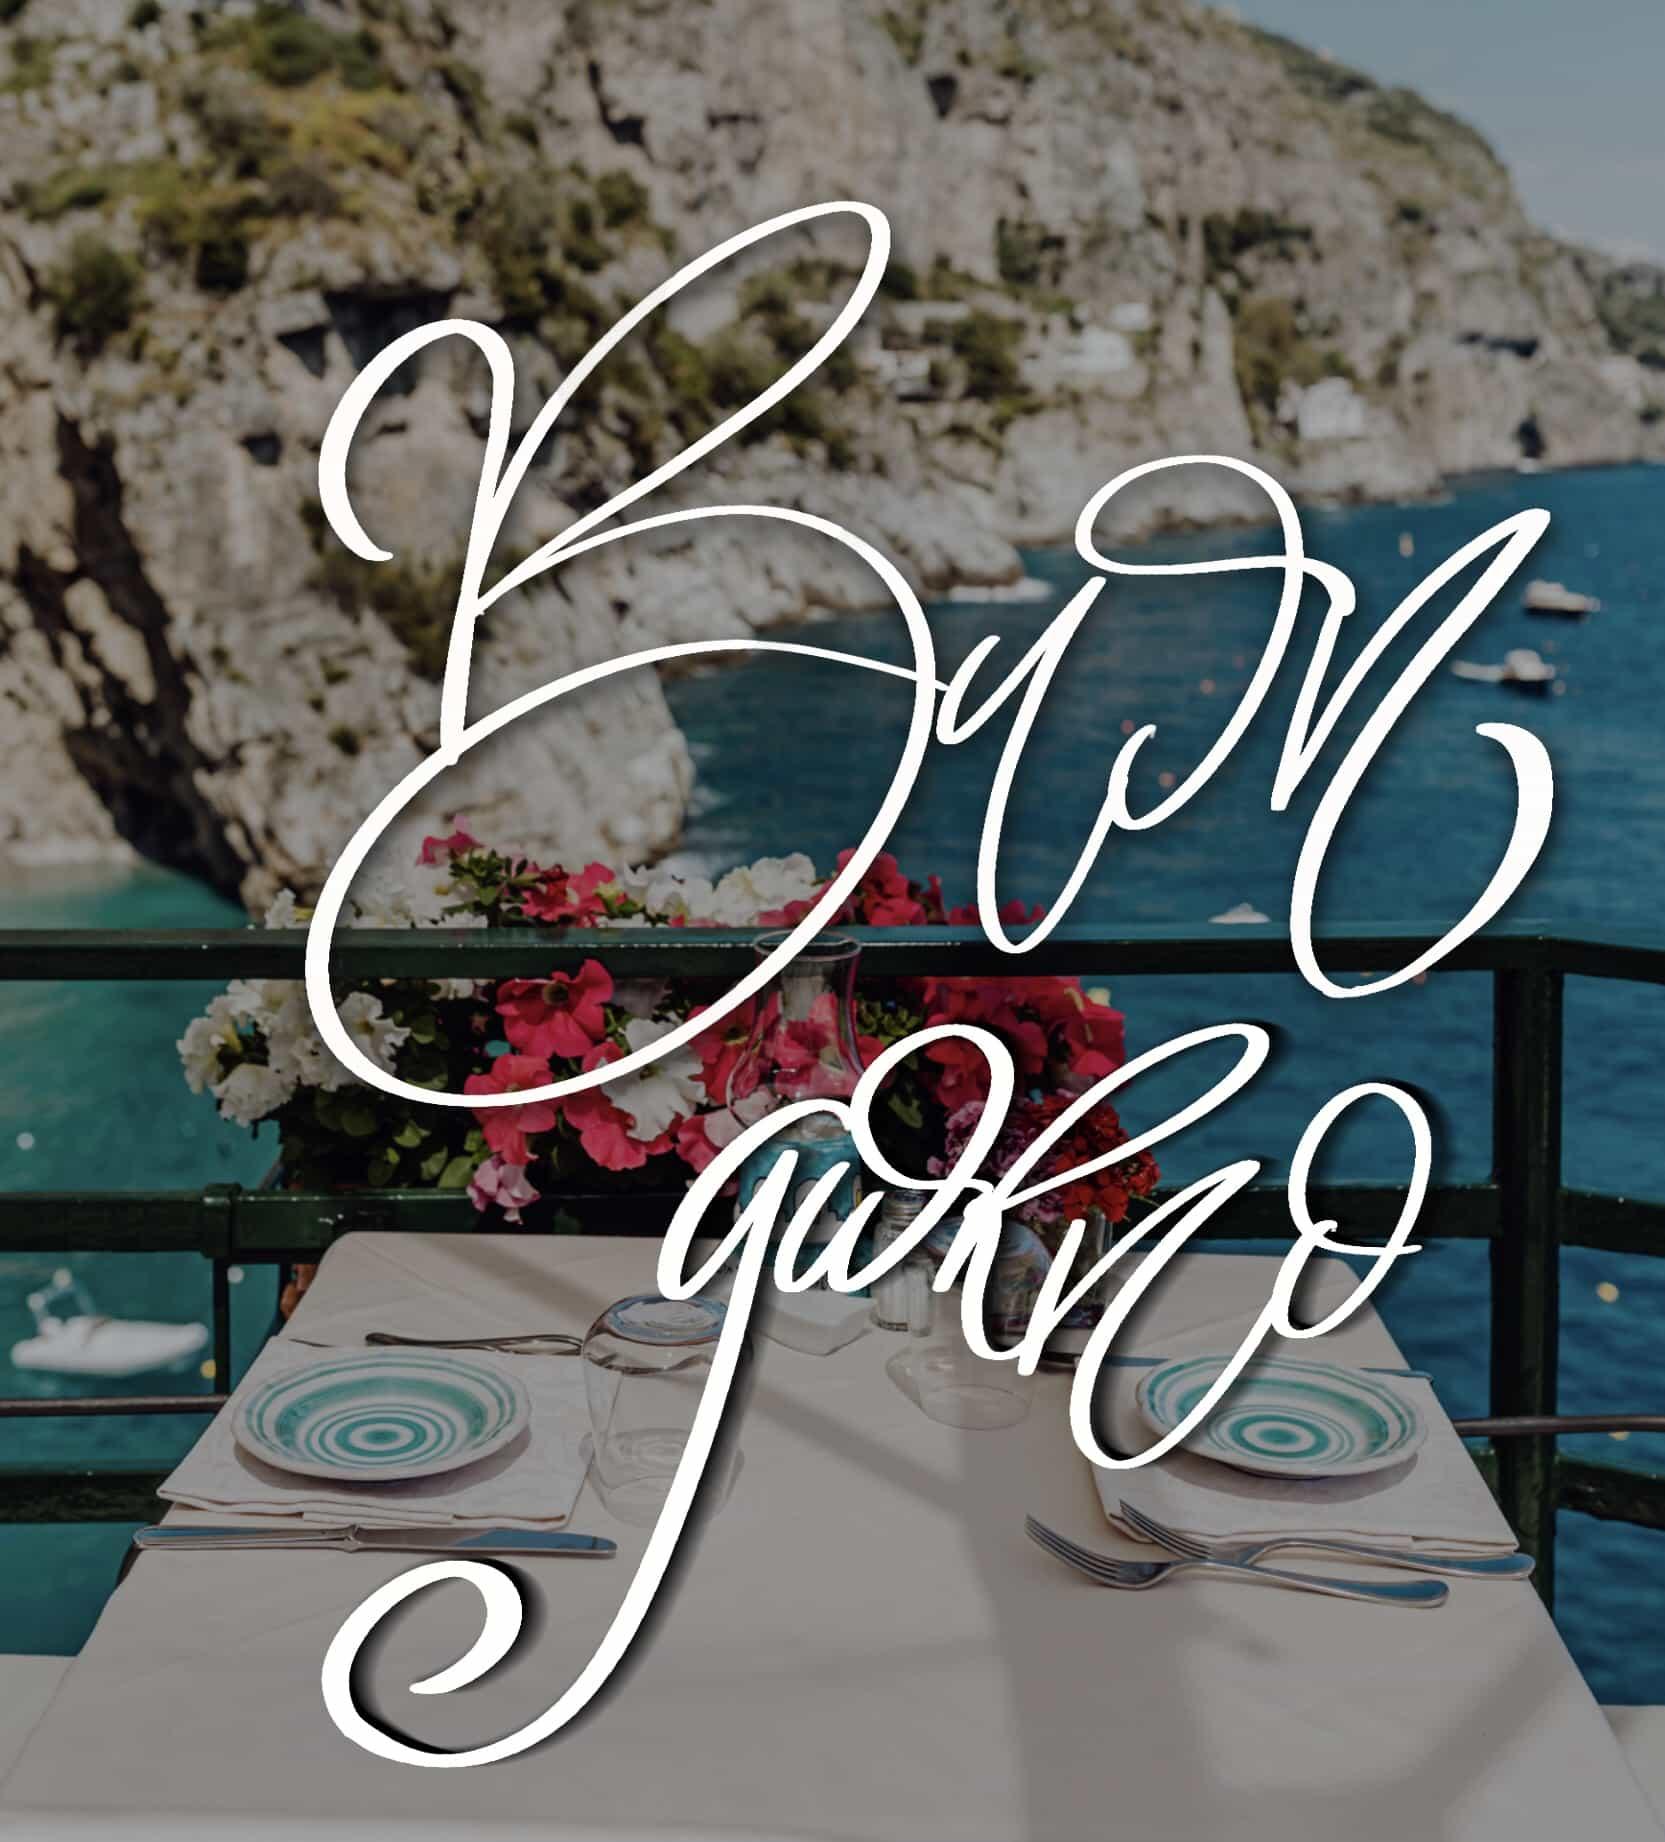 Immagini buongiorno con fiori sul mare